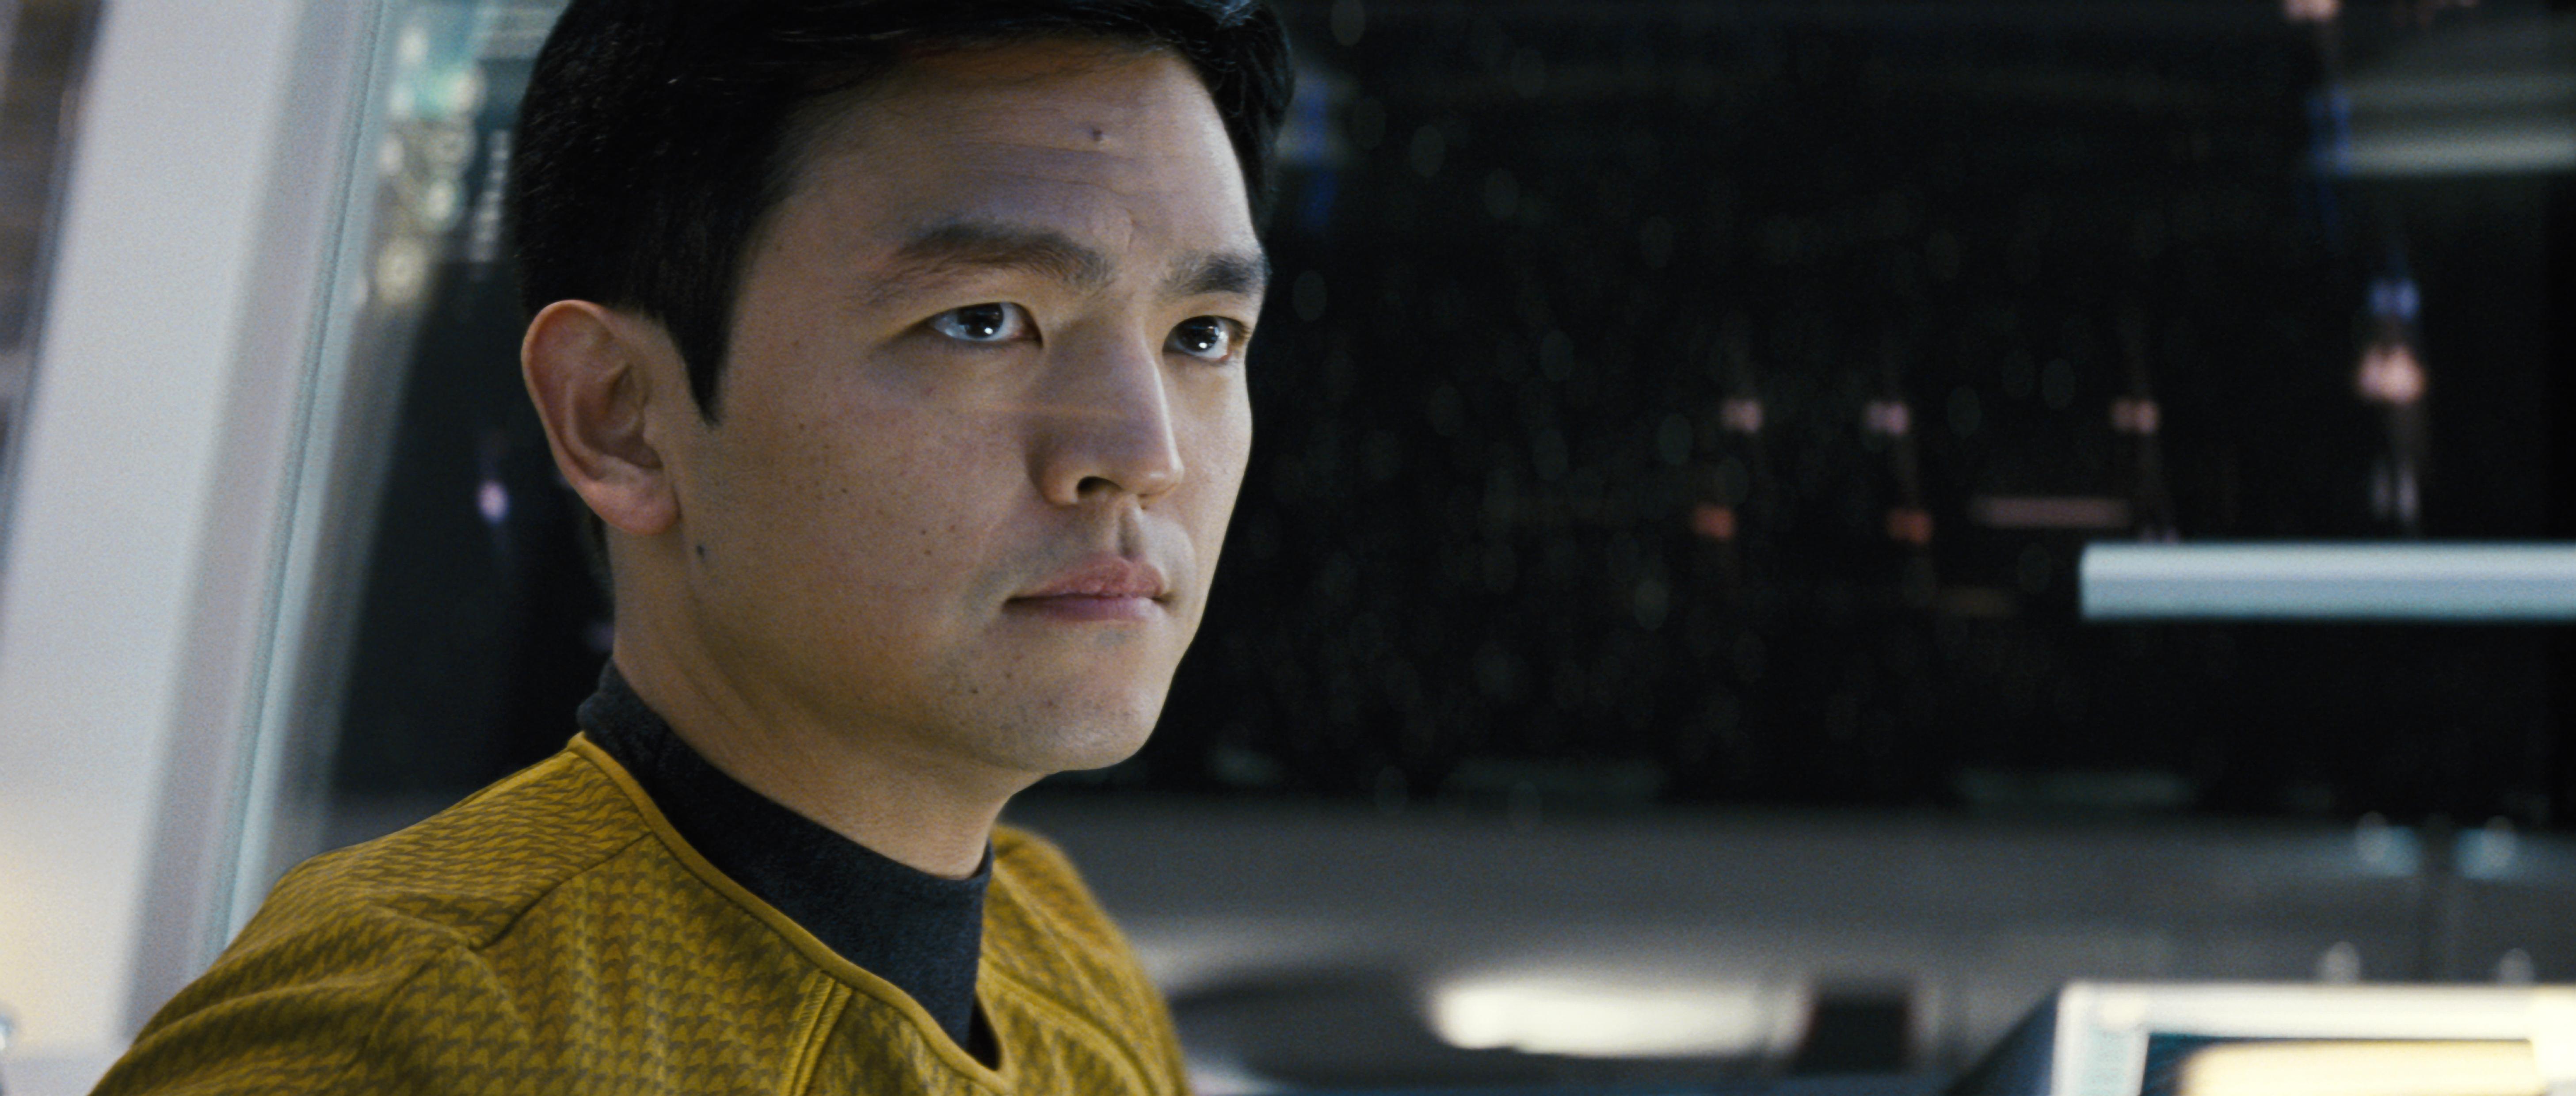 кадры из фильма Звездный путь Джон Чо,